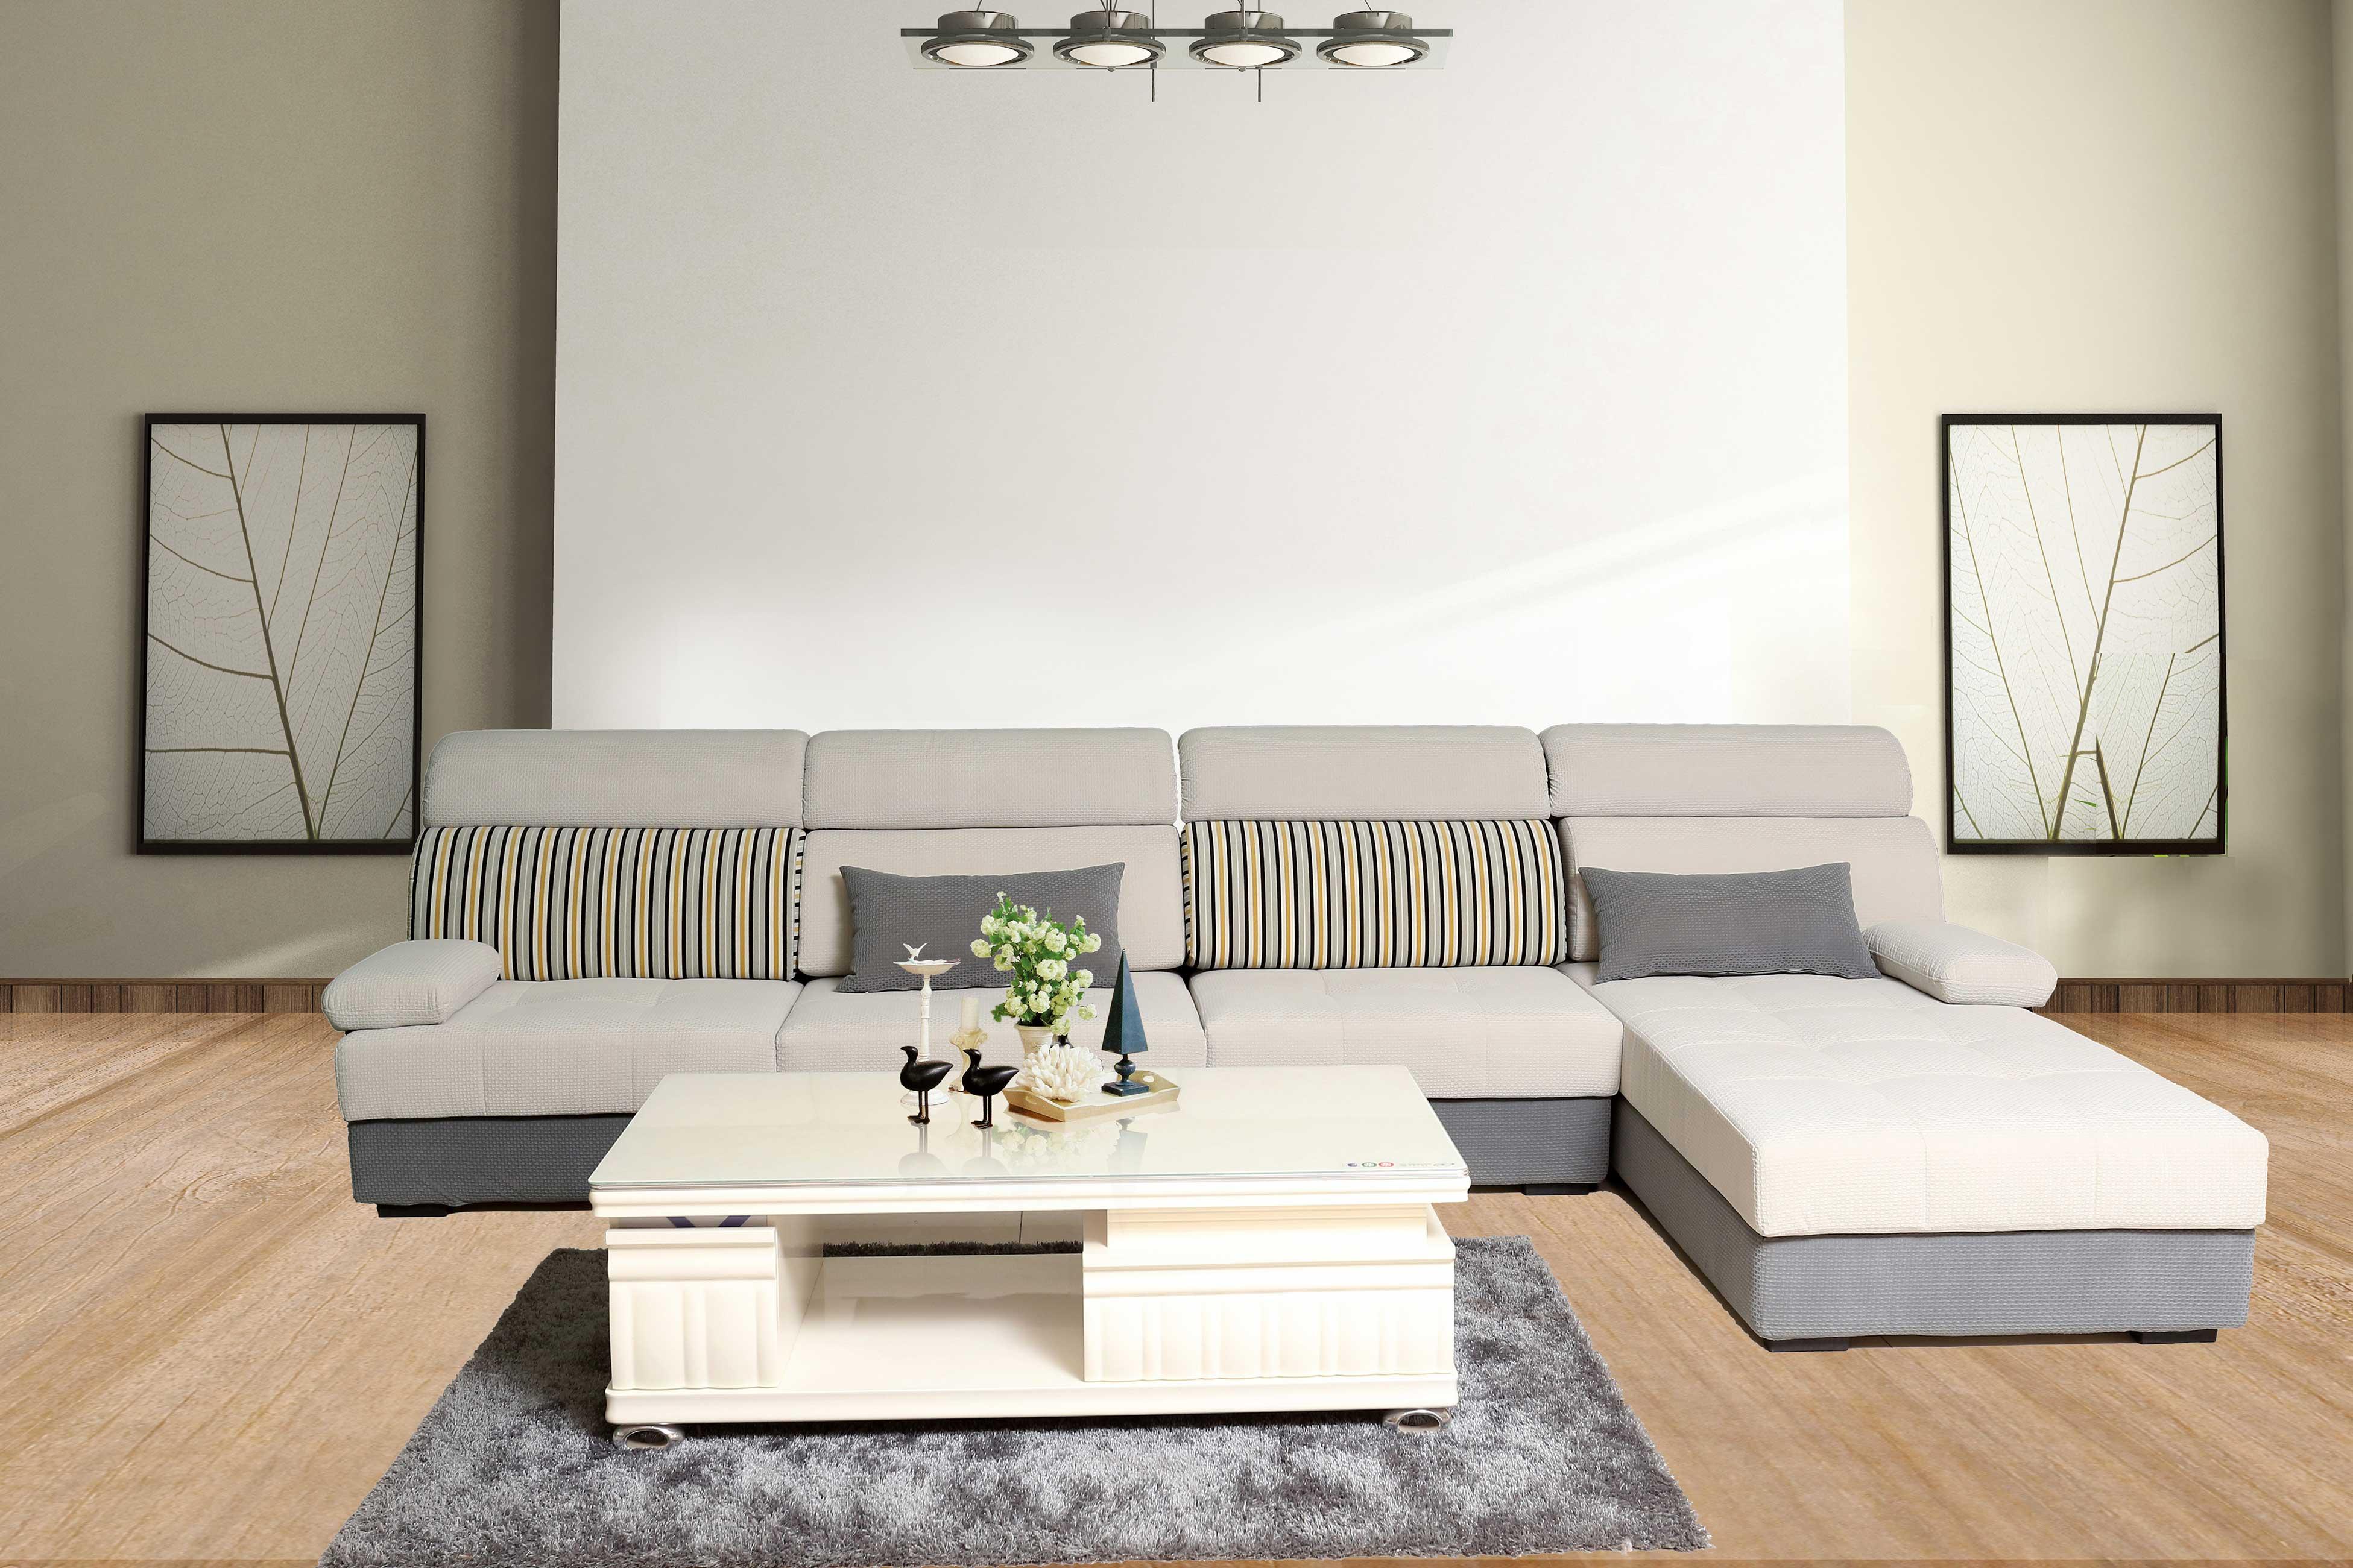 家具沙发图片